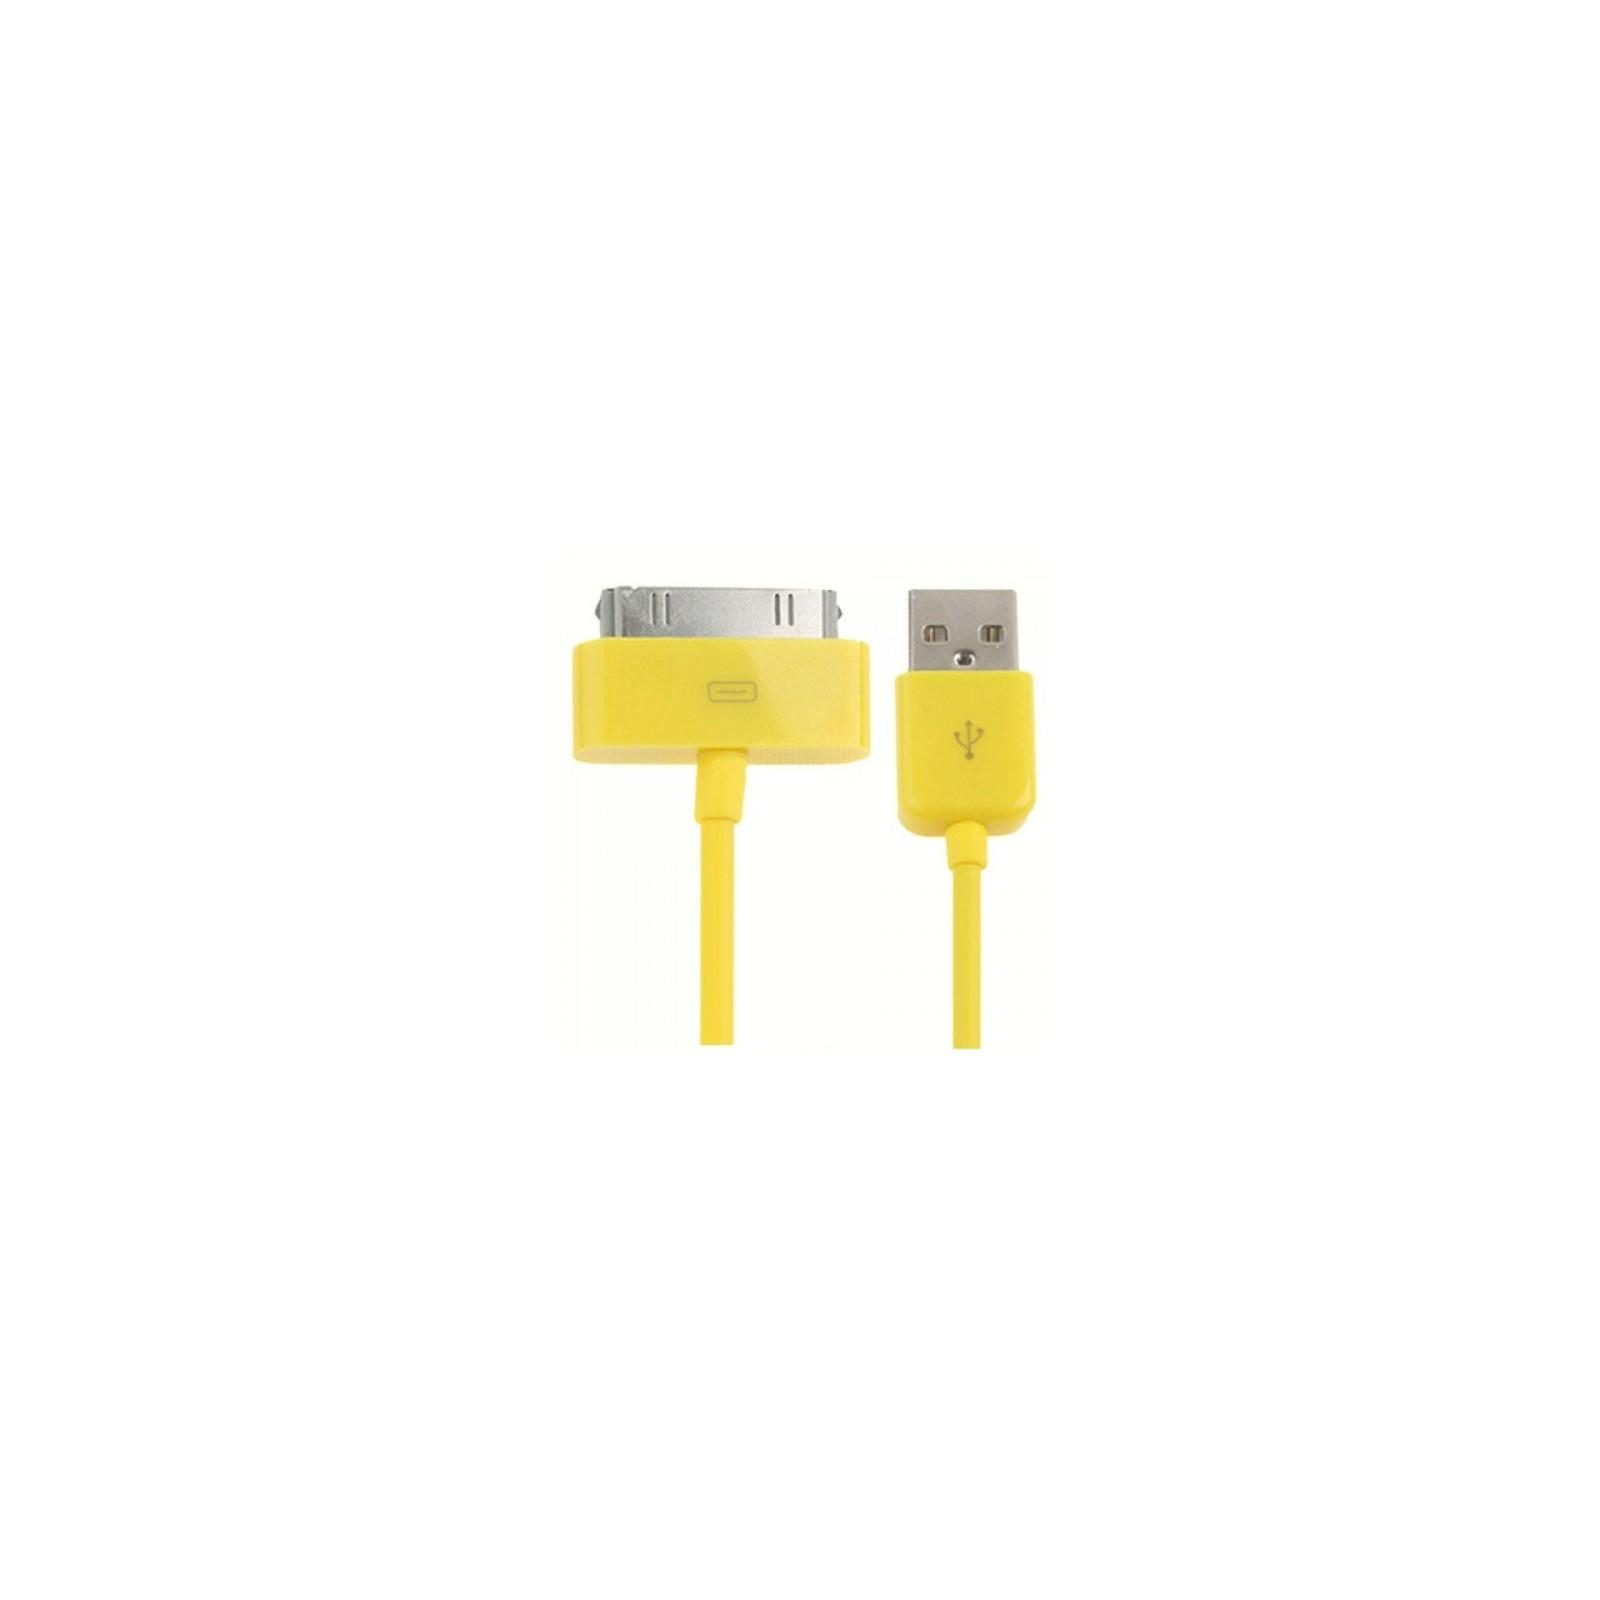 Cable usb carga cargador datos Amarillo para iPhone Ipod Ipad 3 3G 3GS 4 4S ARREGLATELO - 3